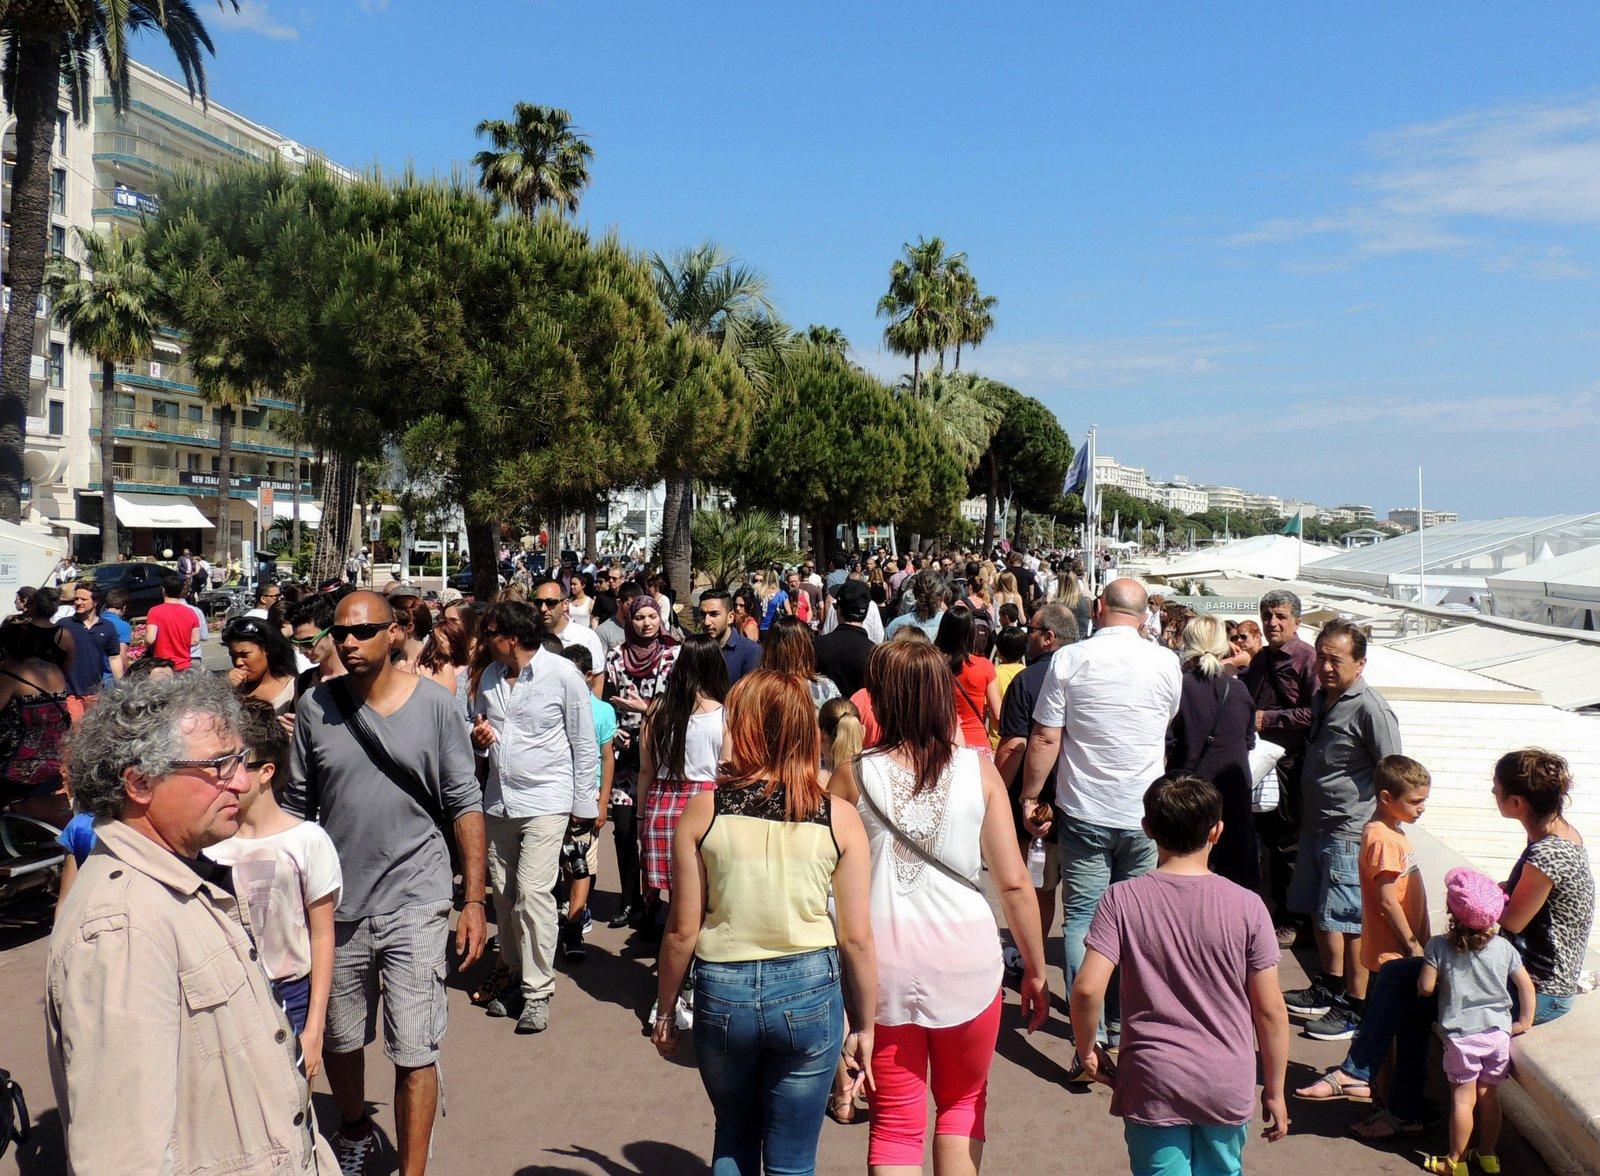 Croisette von Cannes - Côte d`Azur